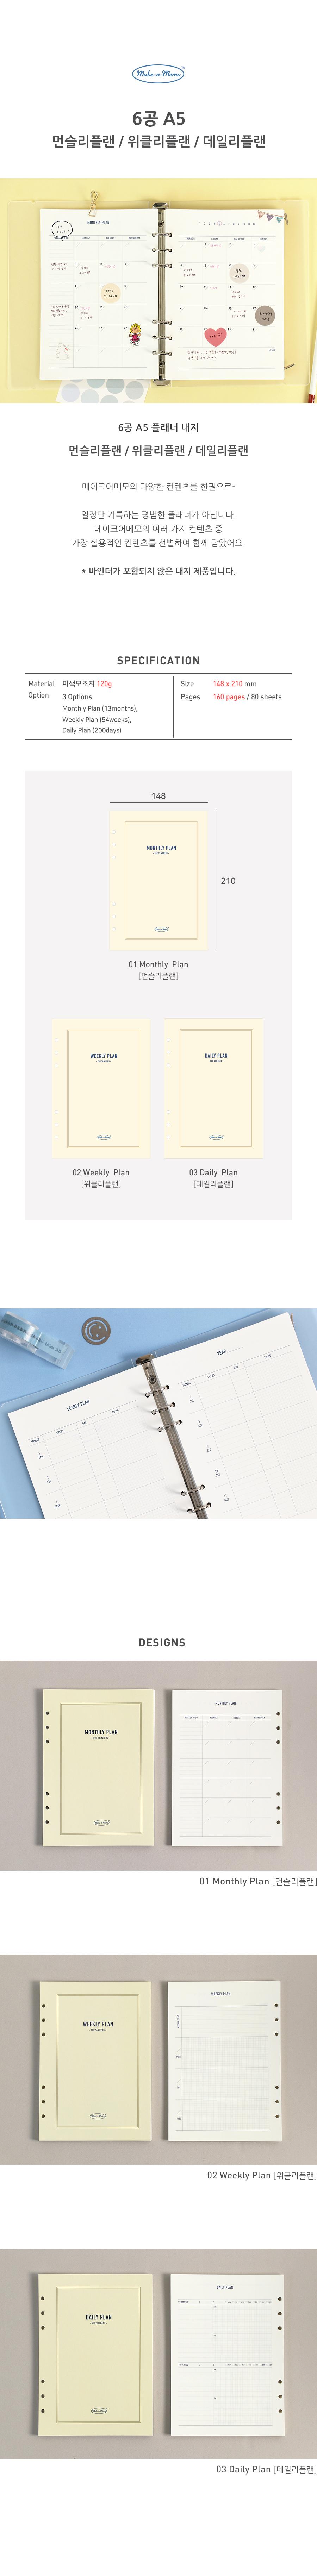 (메이크-어-메모) 6공 플래너 내지 A5 - 페이퍼리안, 7,400원, 만년형, 심플/베이직